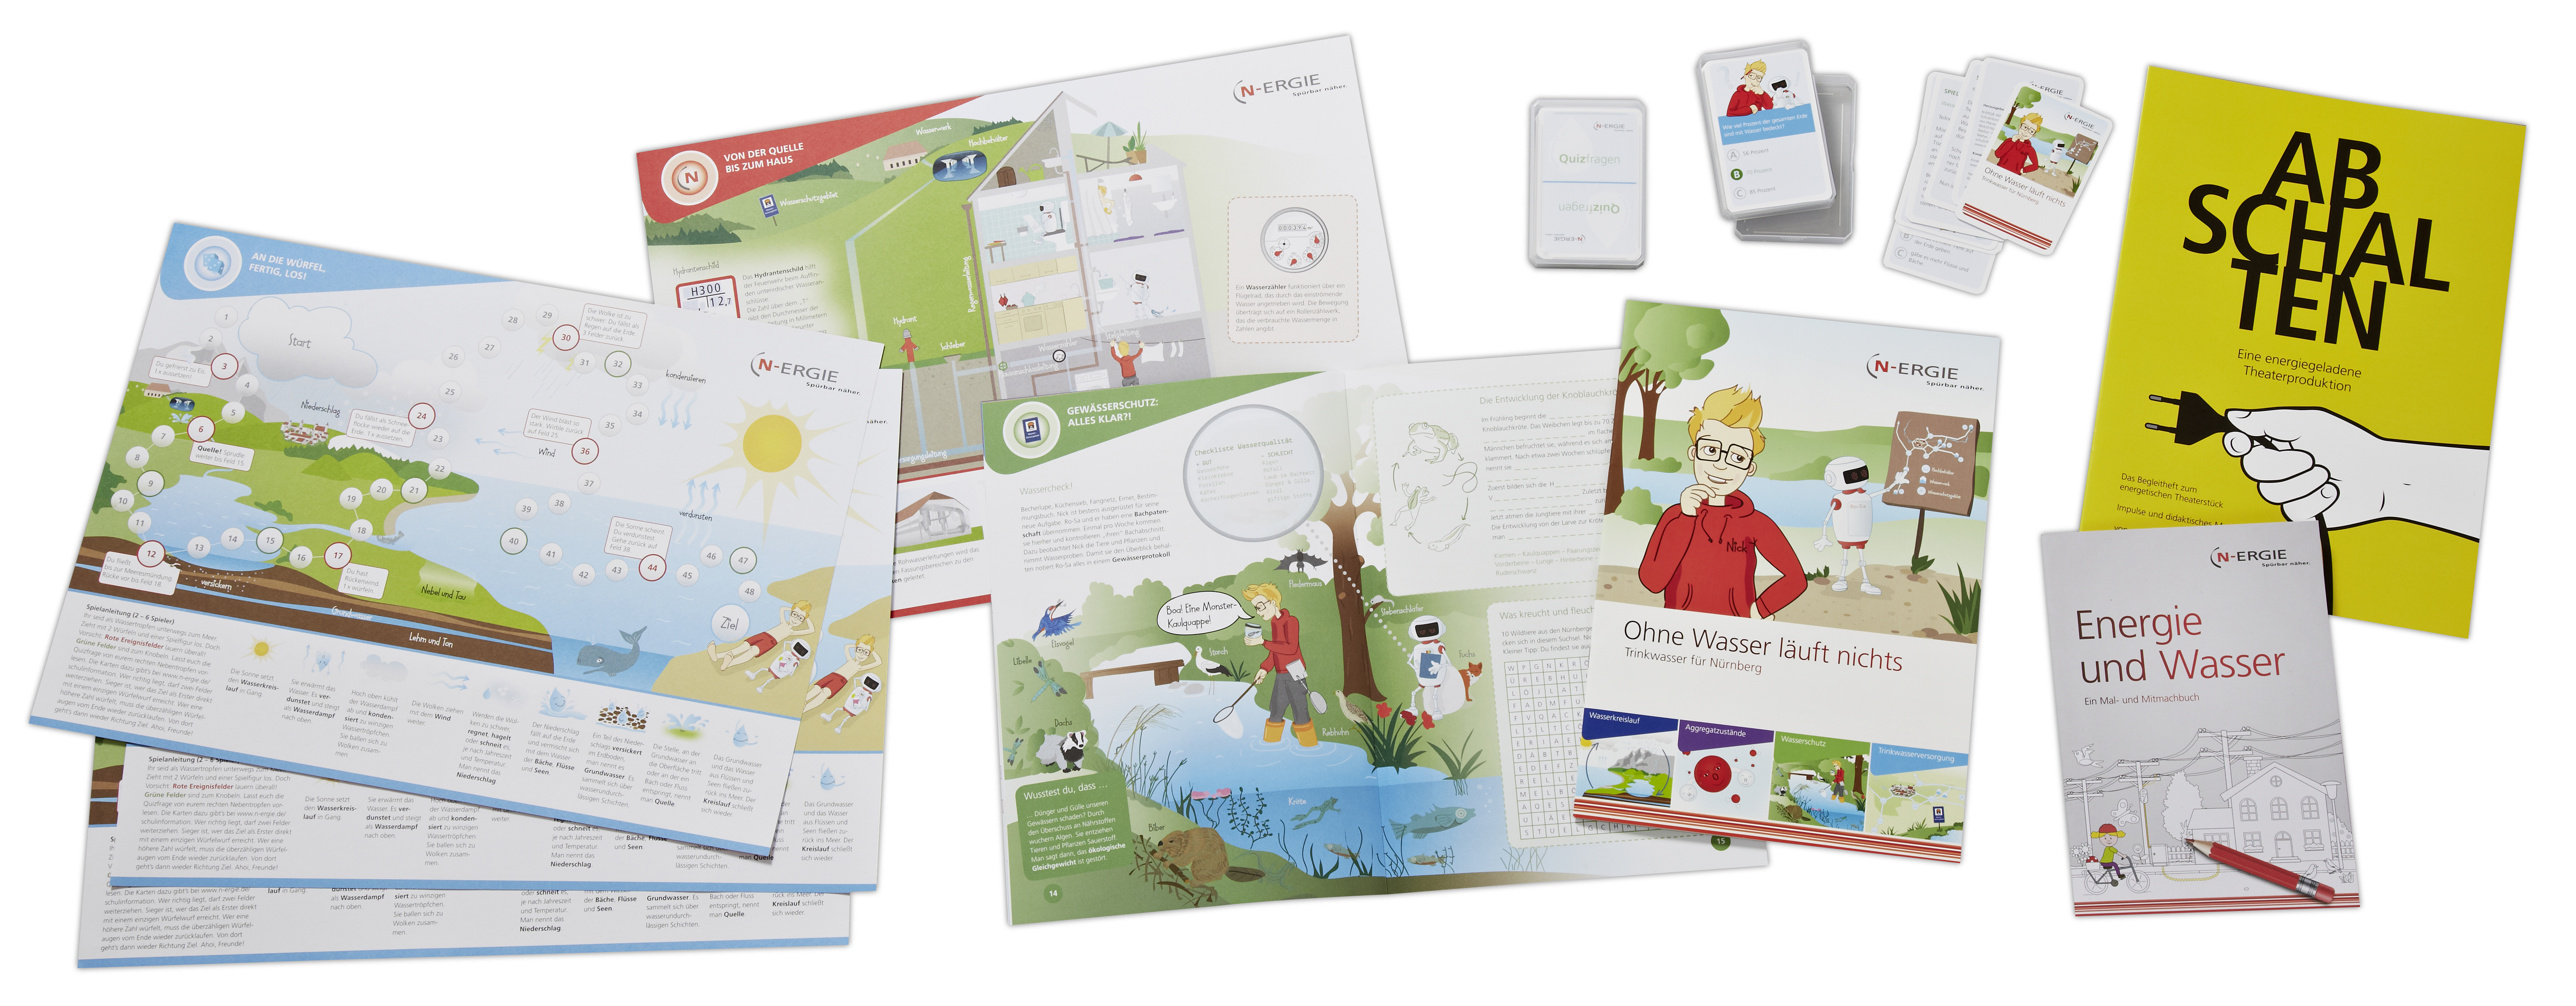 N-ERGIE Schulinfo – Unterrichtsmaterial für Lehrer und Schüler